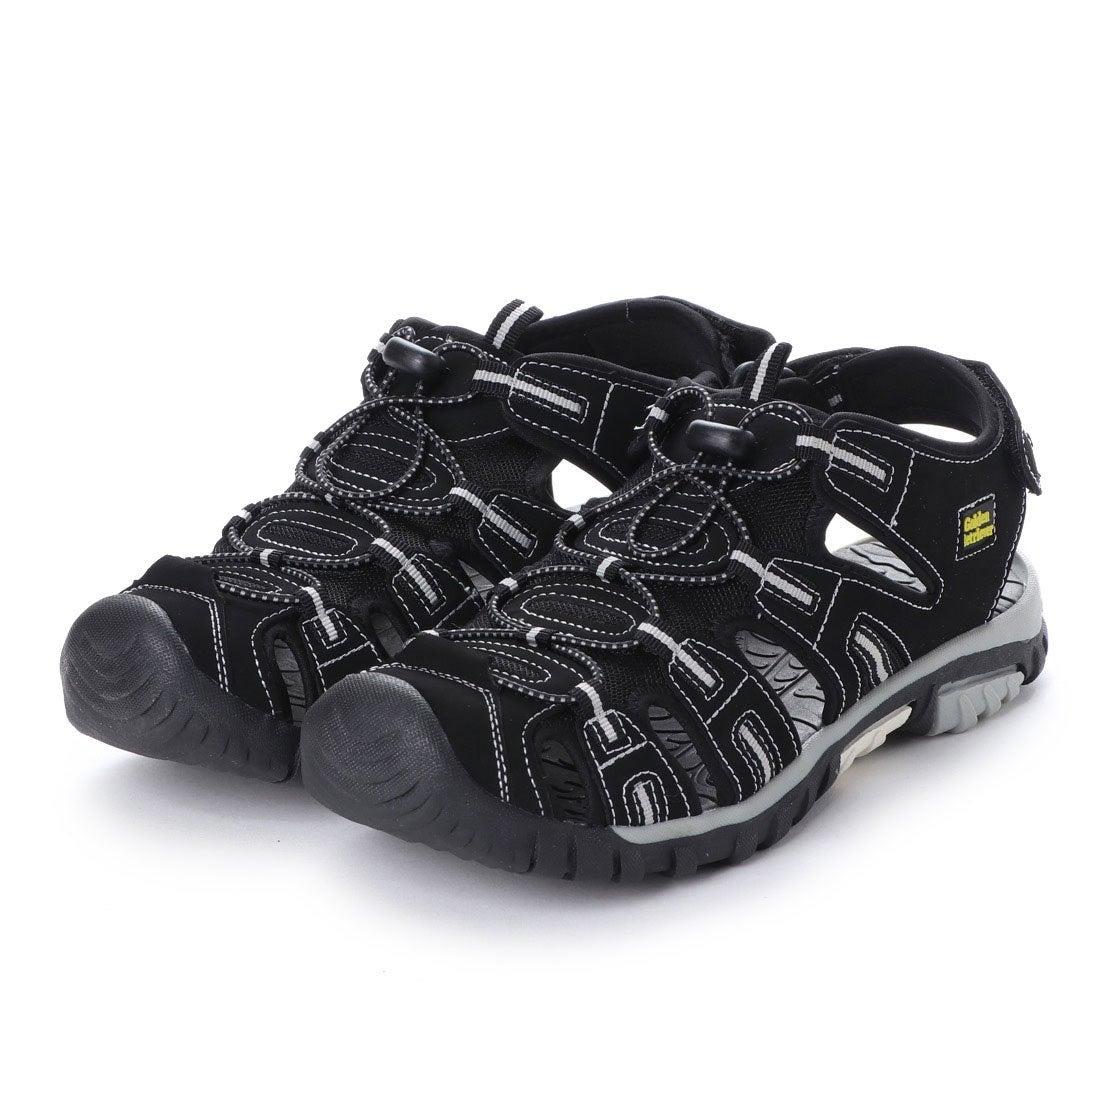 ロコンド 靴とファッションの通販サイトゴールデンレトリバー Golden Retriever 紳士スポーツサンダル (BLACK)